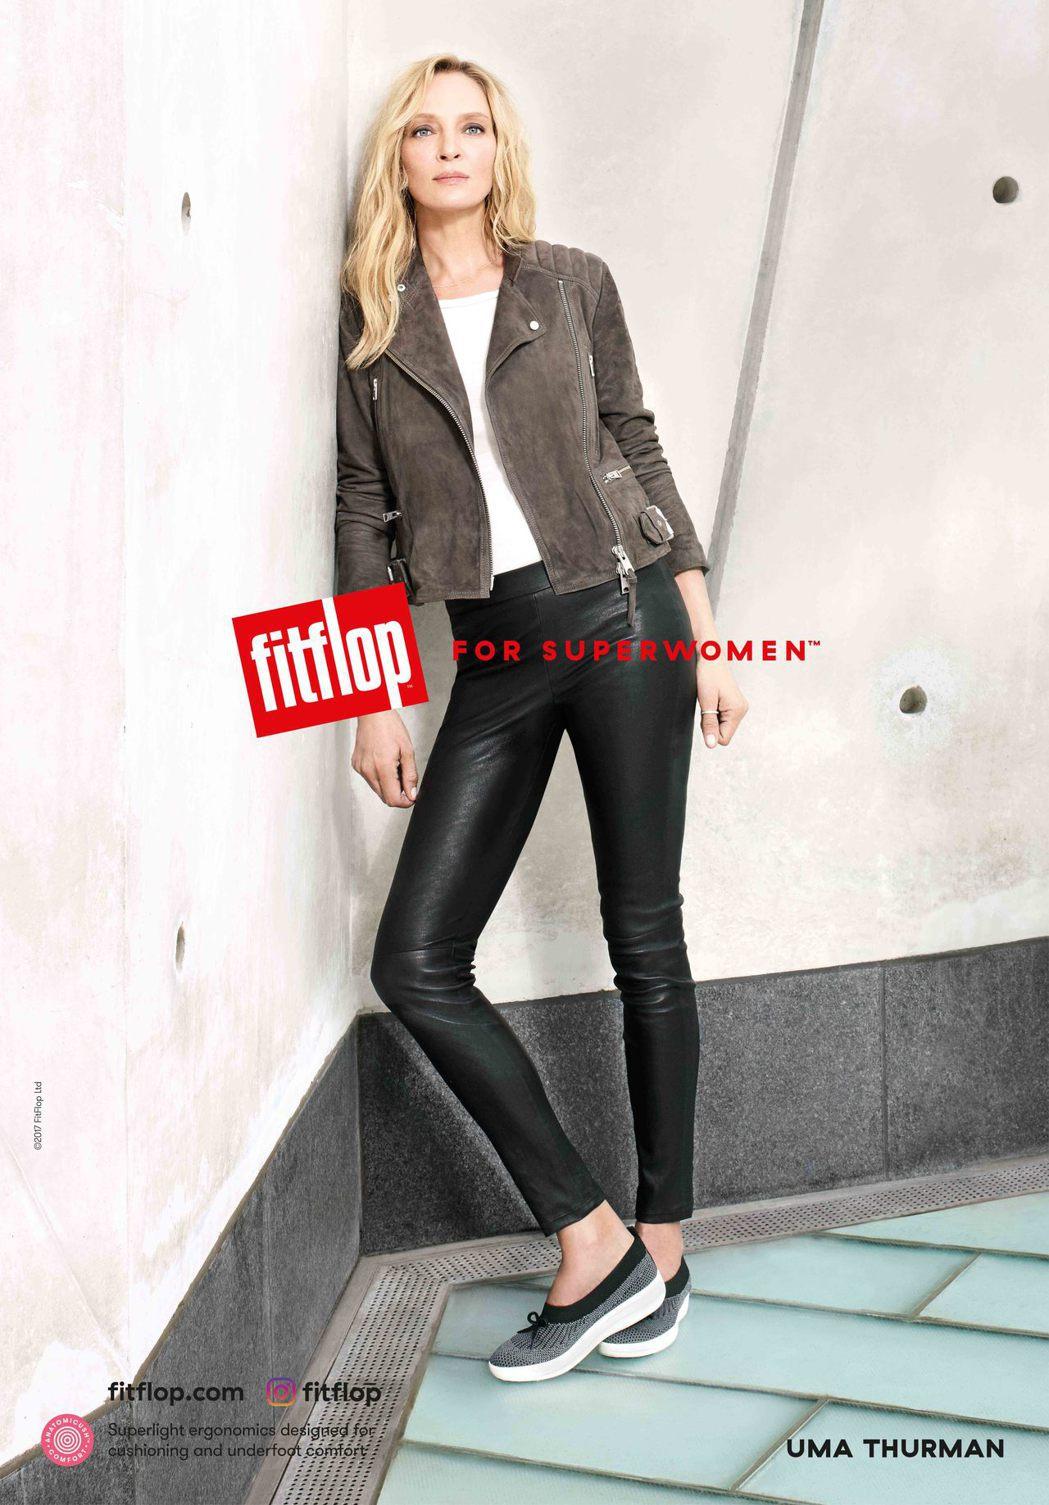 鄔瑪舒曼擔任FitFlop廣告代言人,展現女人自信和充滿力量的新形象。圖/Fit...